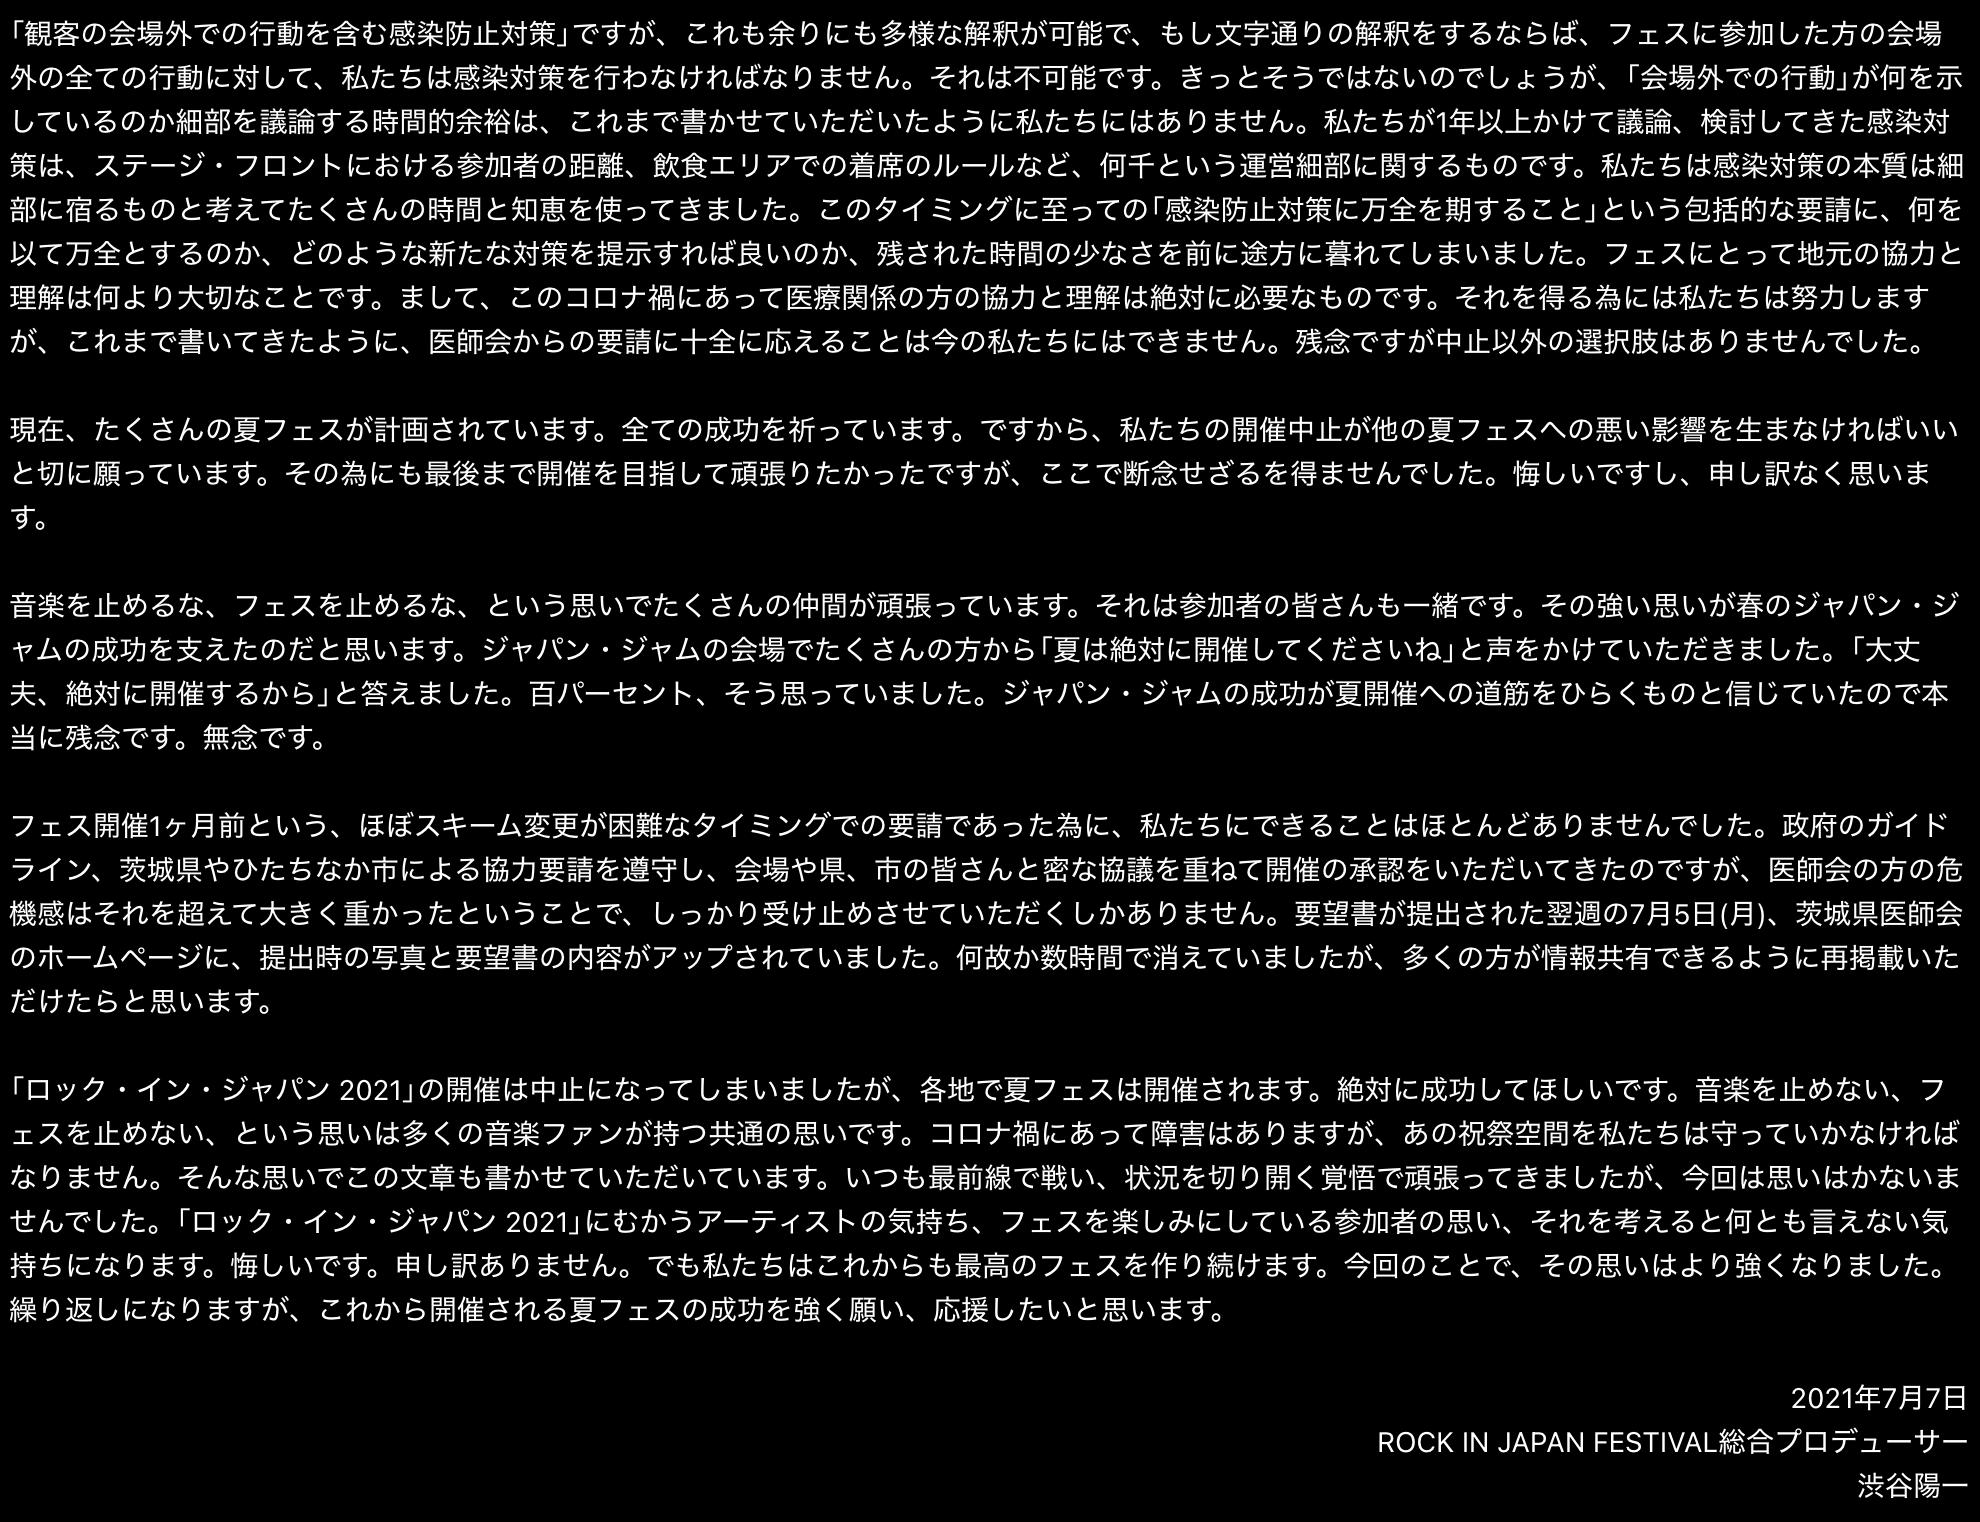 スクリーンショット 2021 07 08 22.53.28 - 【茨城県医師会】ROCK IN JAPAN FESTIVAL 2021(ロッキン)が要望書のせいで中止に【野田洋次郎やワンオクTAKAなどのアーティストの反応まとめ】